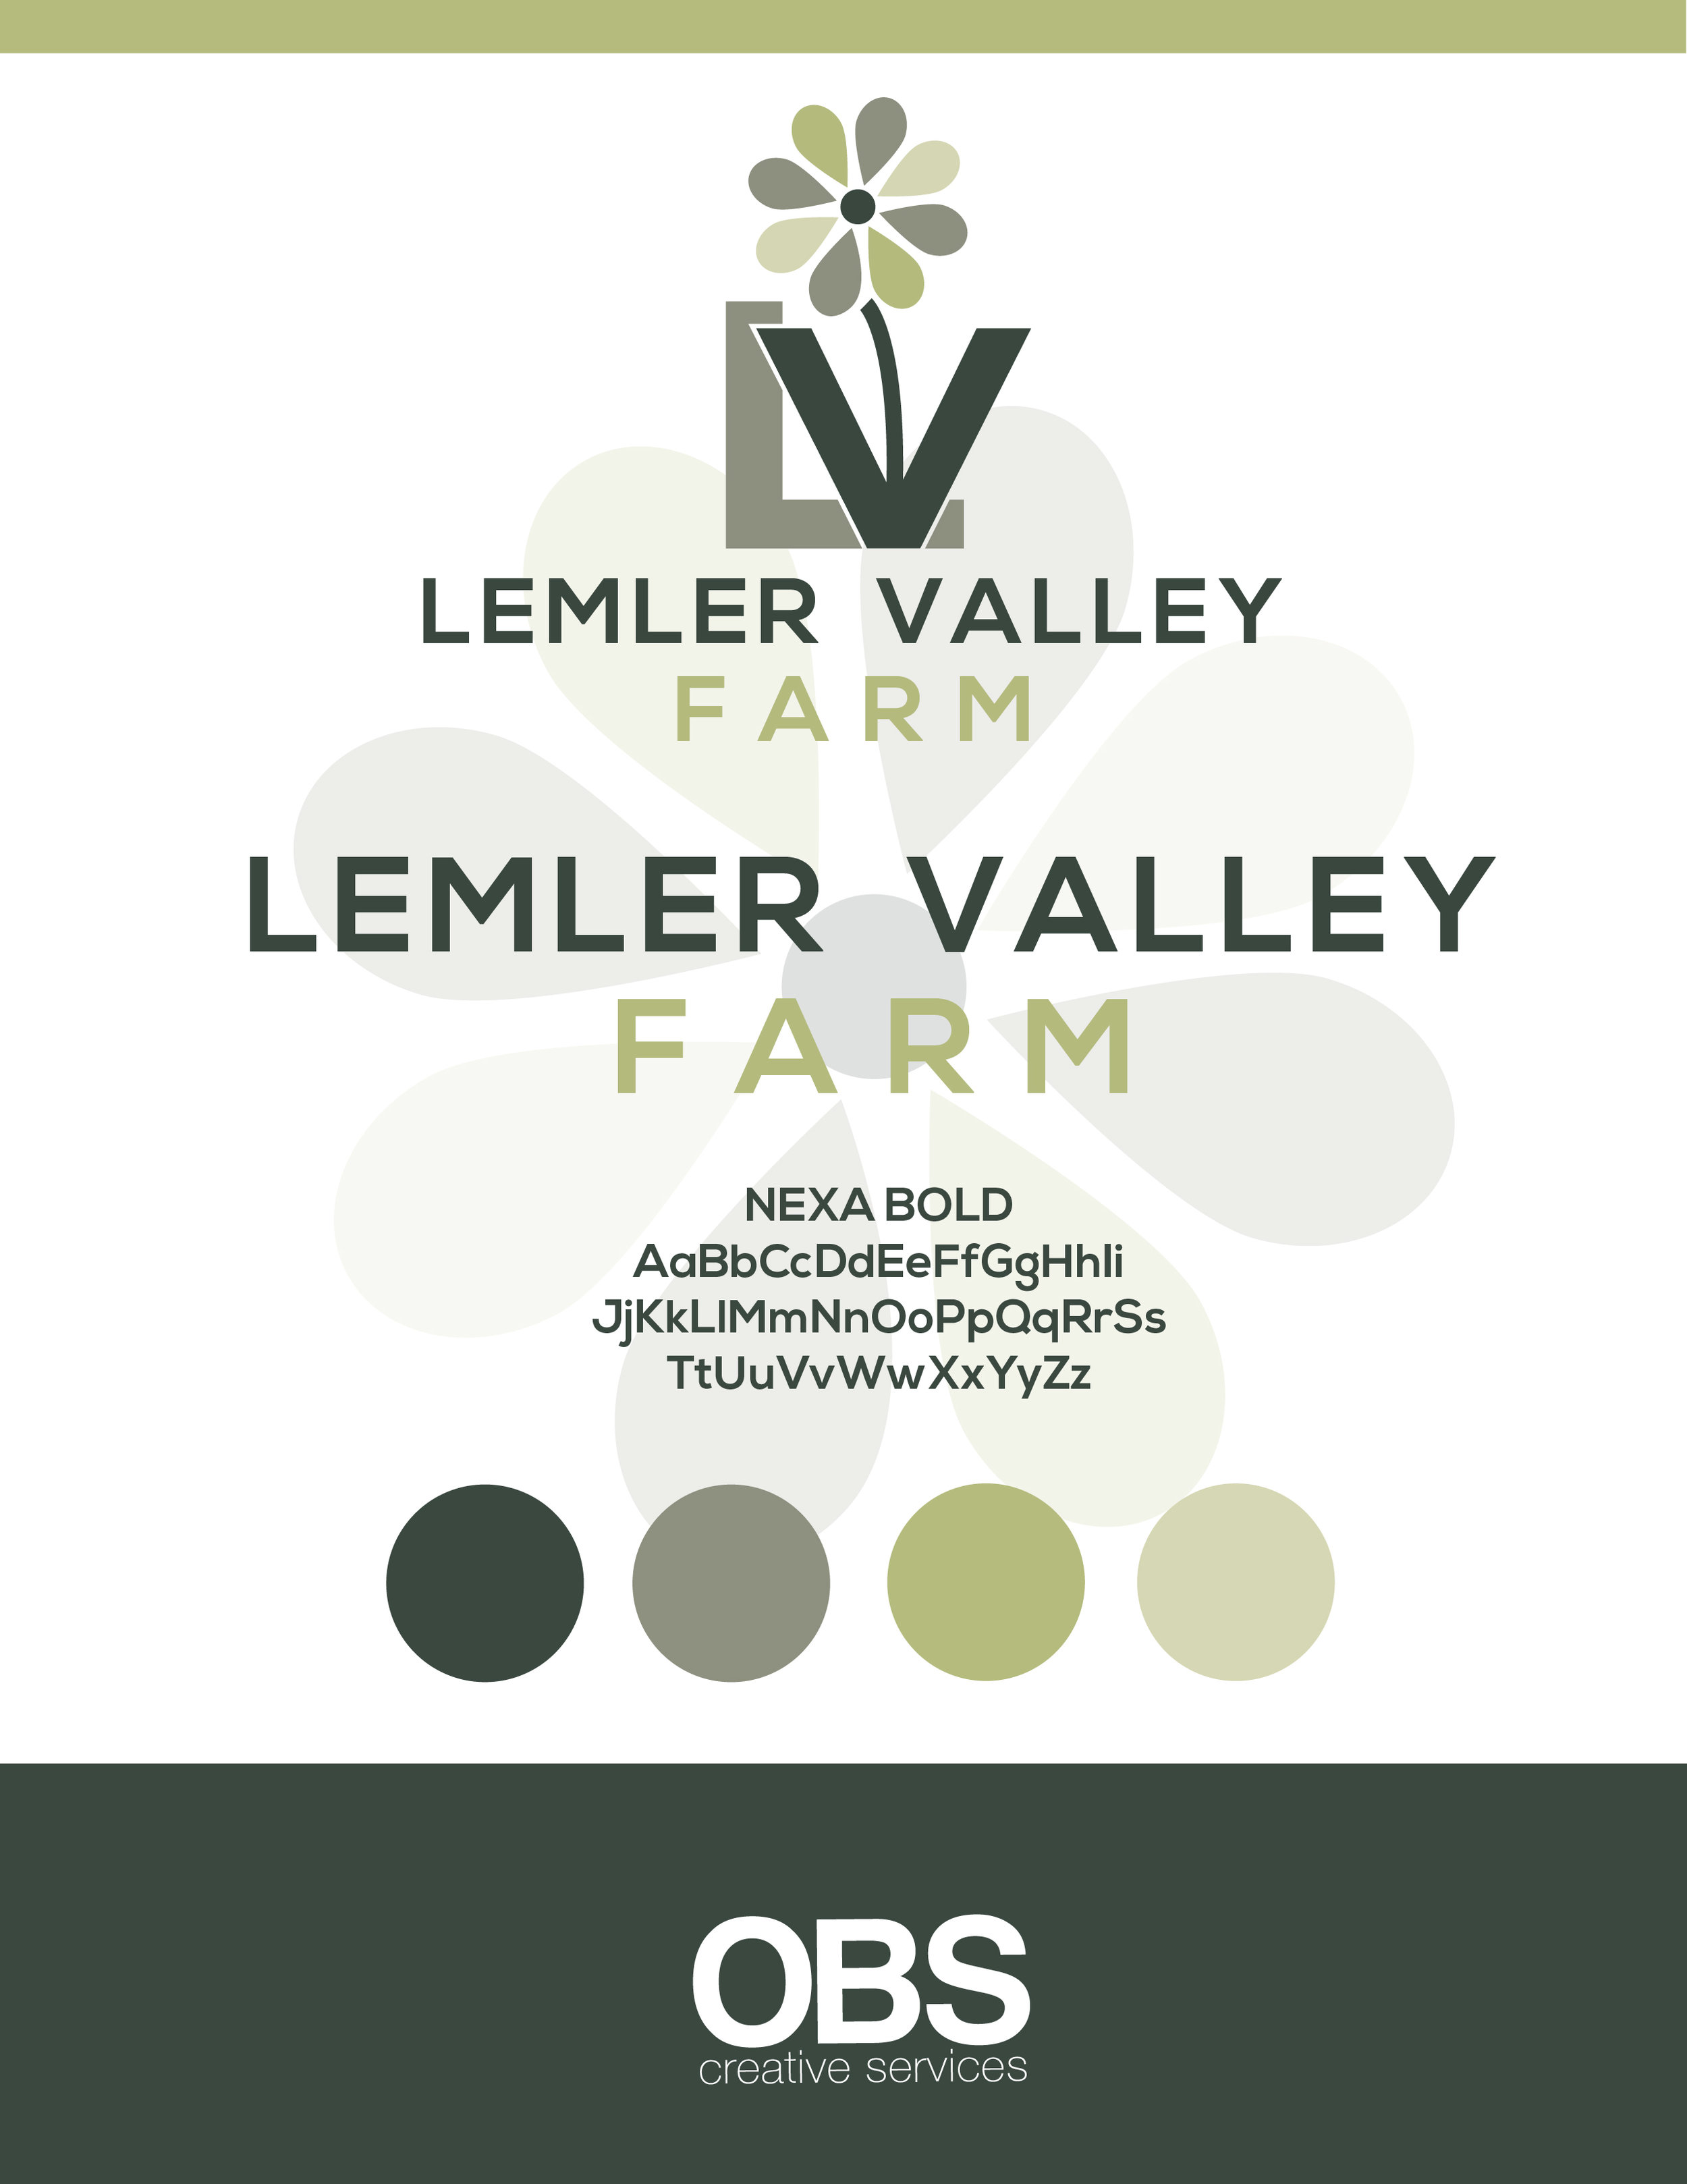 MCB Recruit CardLemler Valley Farm.jpg